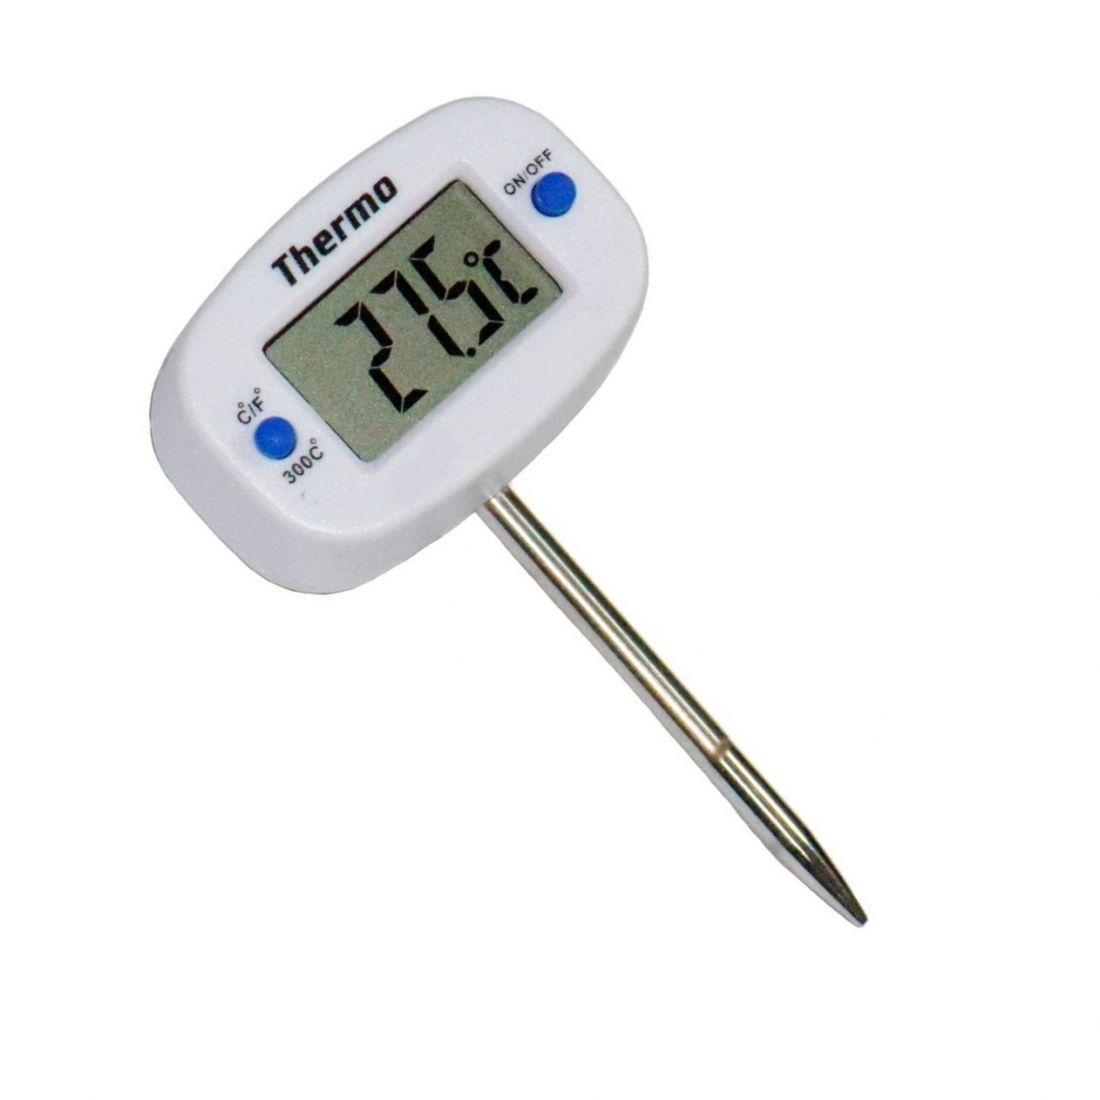 Цифровой электронный термометр с укороченным щупом